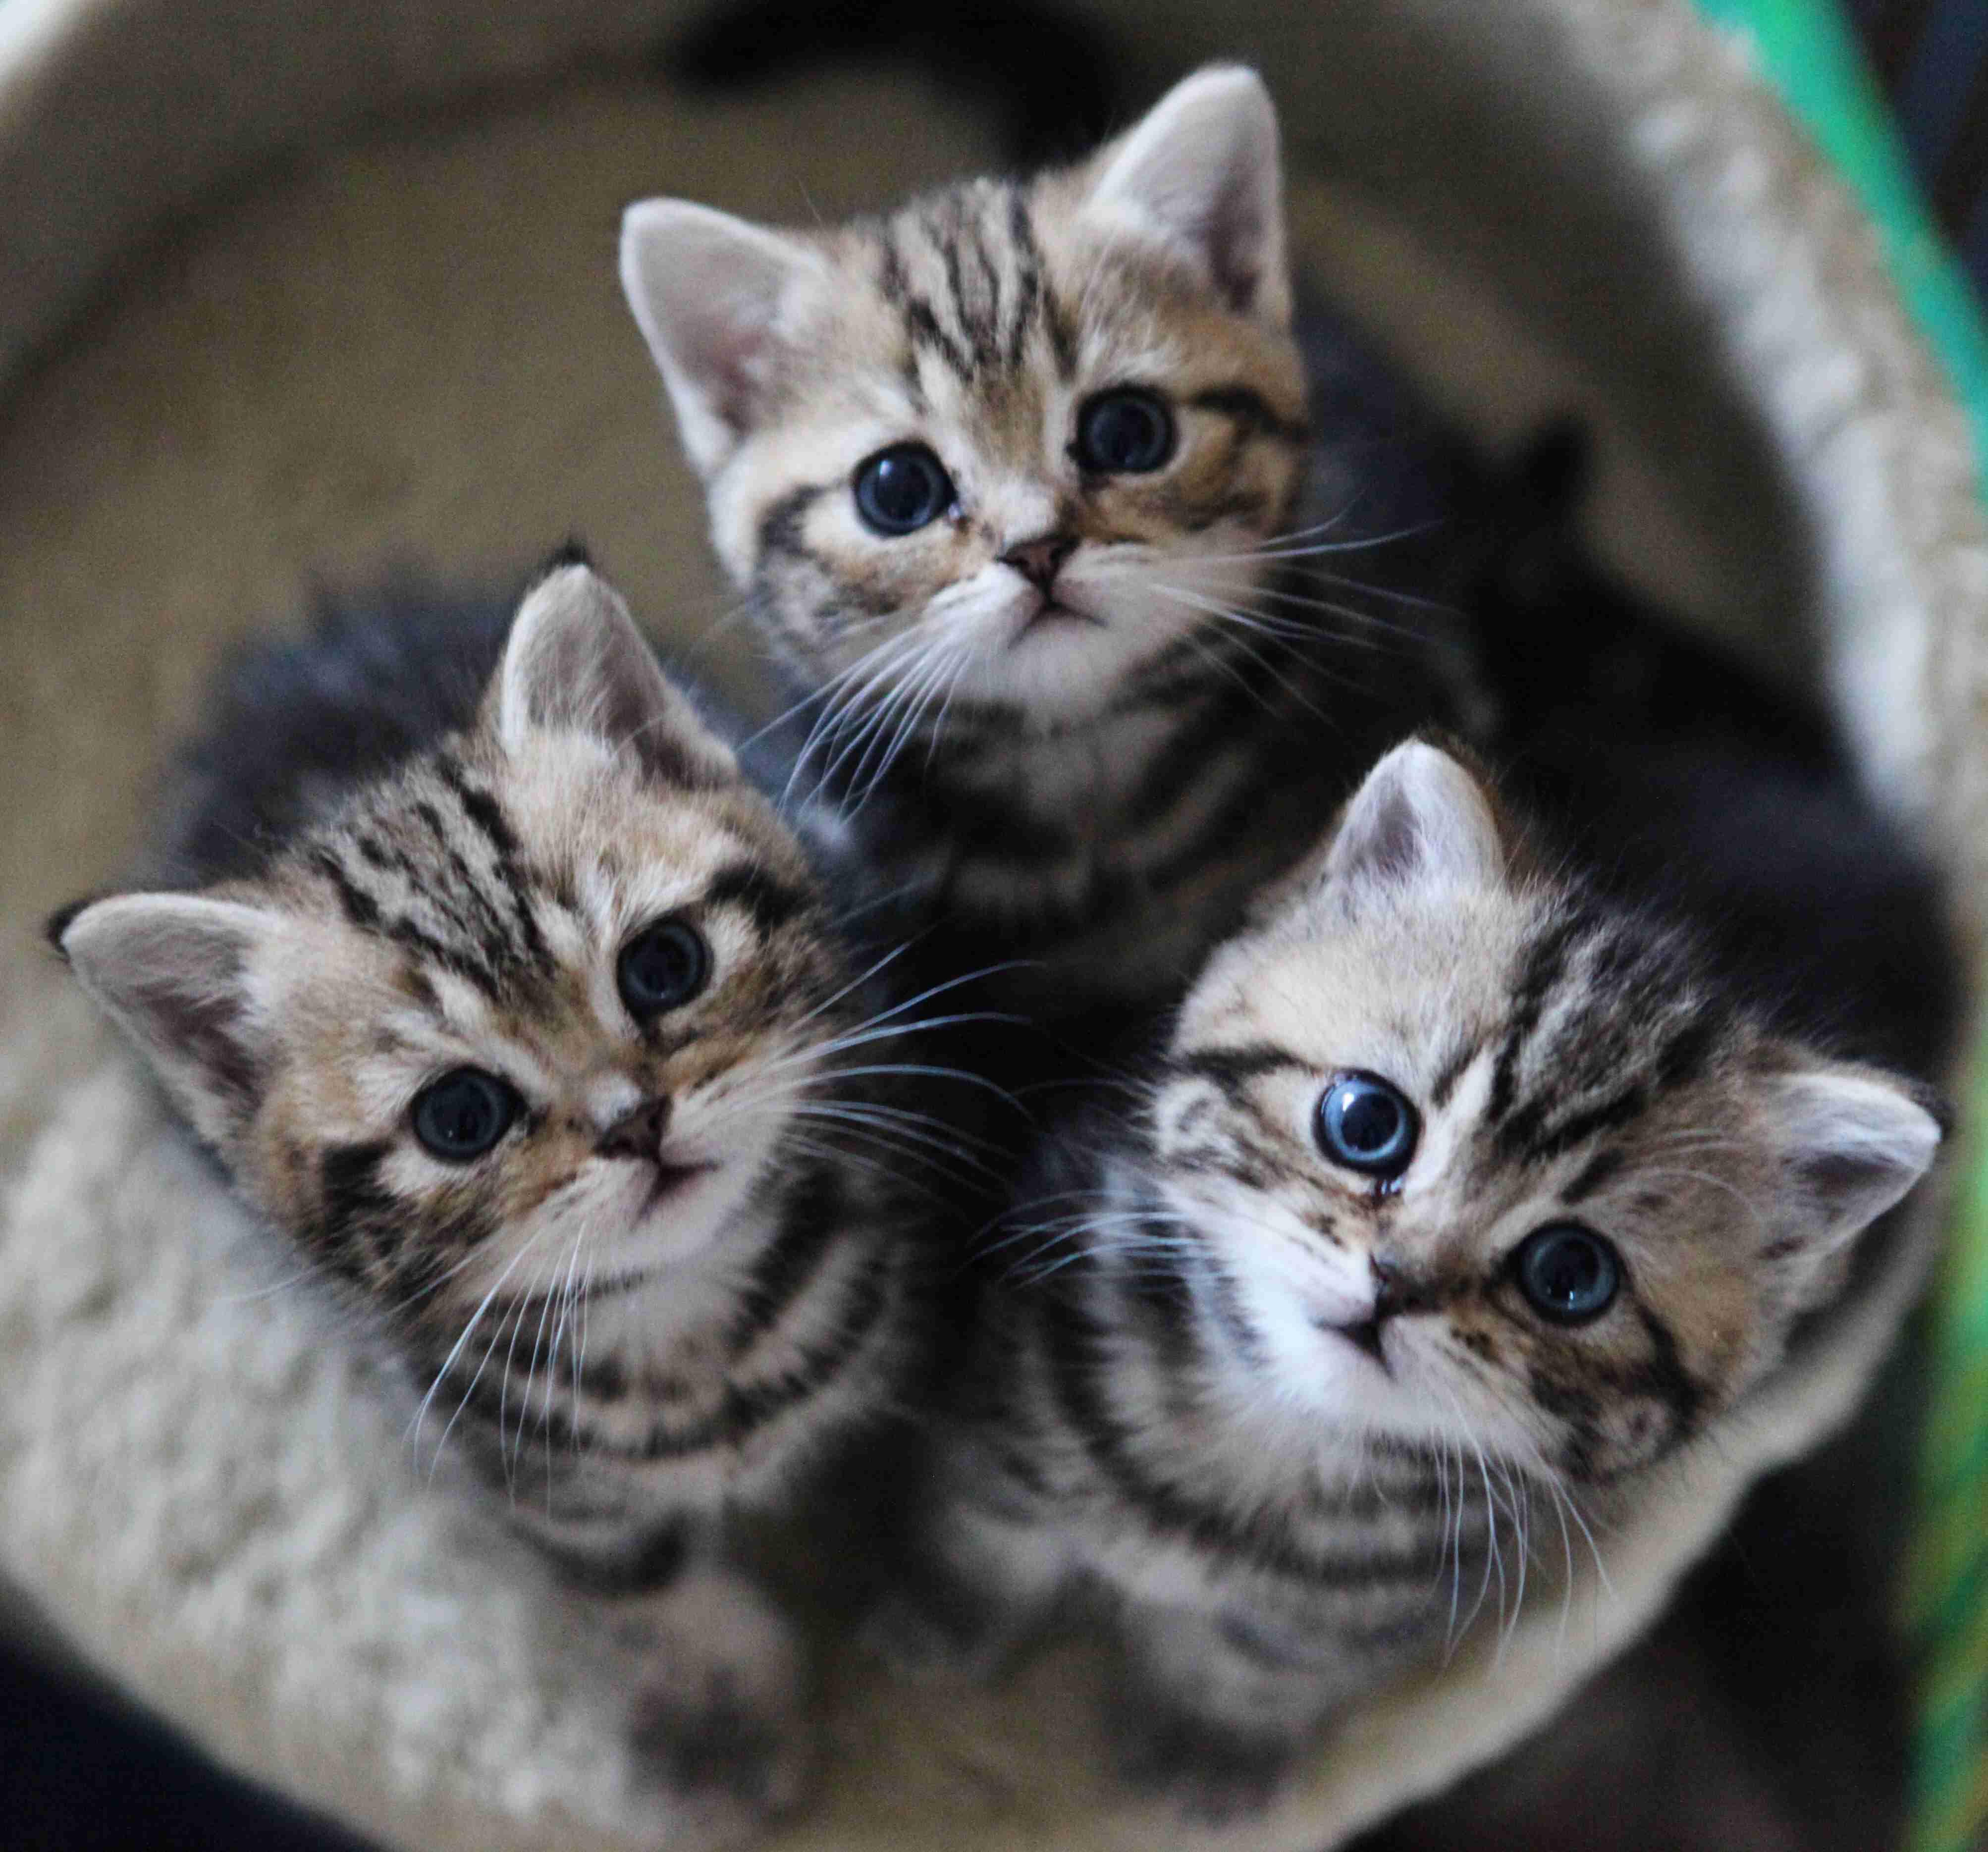 里親のふりをしてネコを集めていた男性、実は食べるために集めていたことが判明